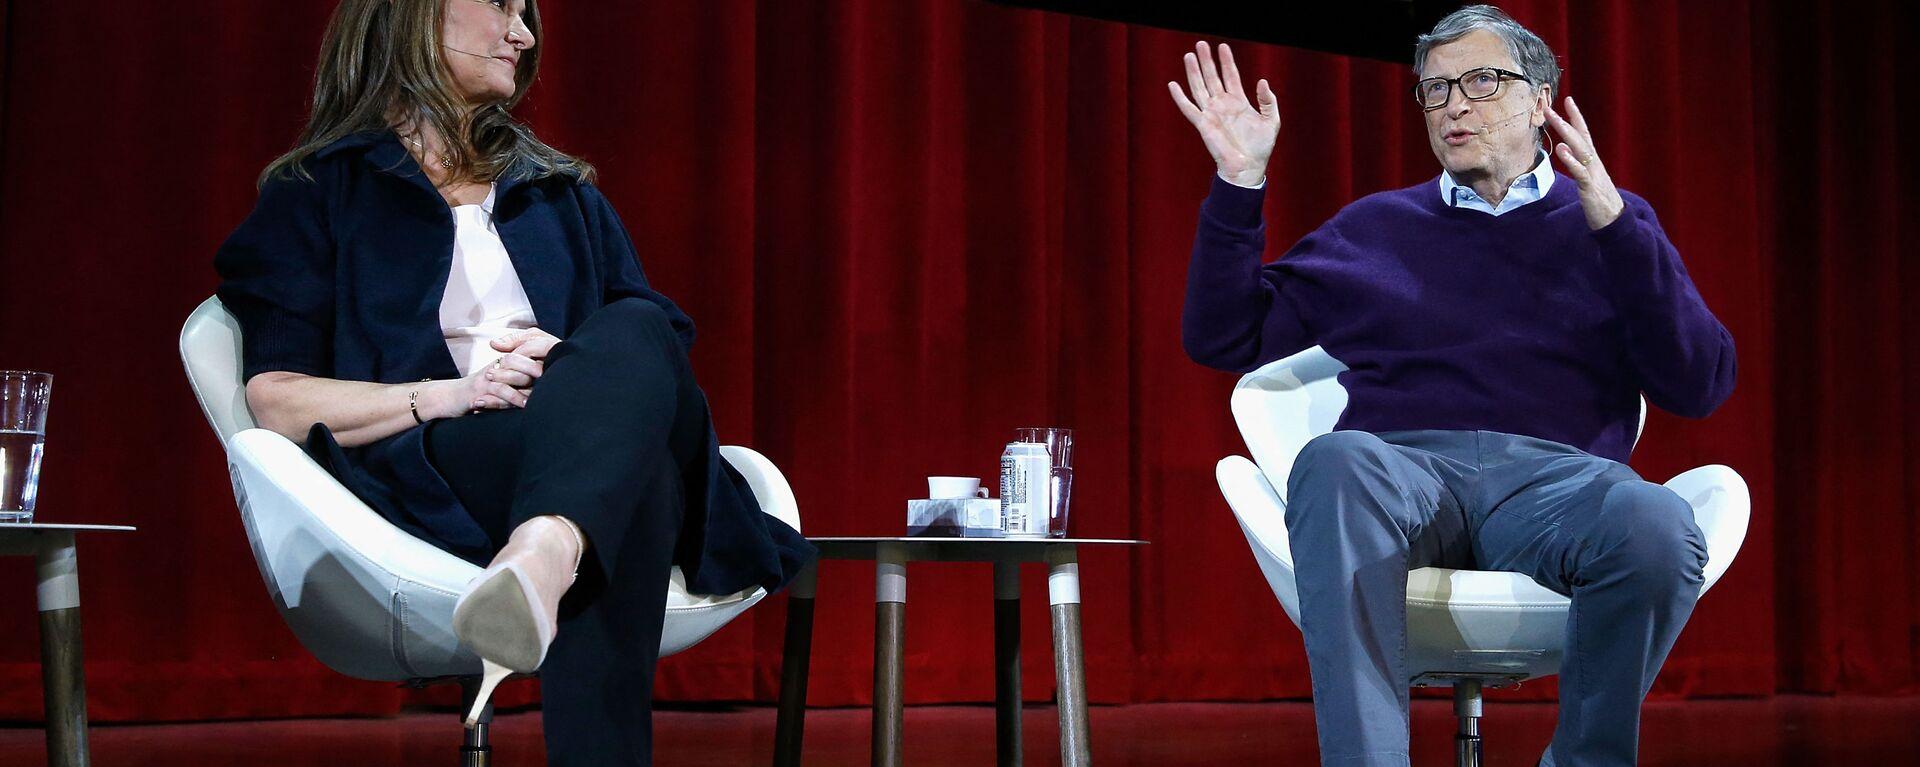 Bill e Melinda Gates partecipano ad una conferenza a New York - Sputnik Italia, 1920, 10.08.2021